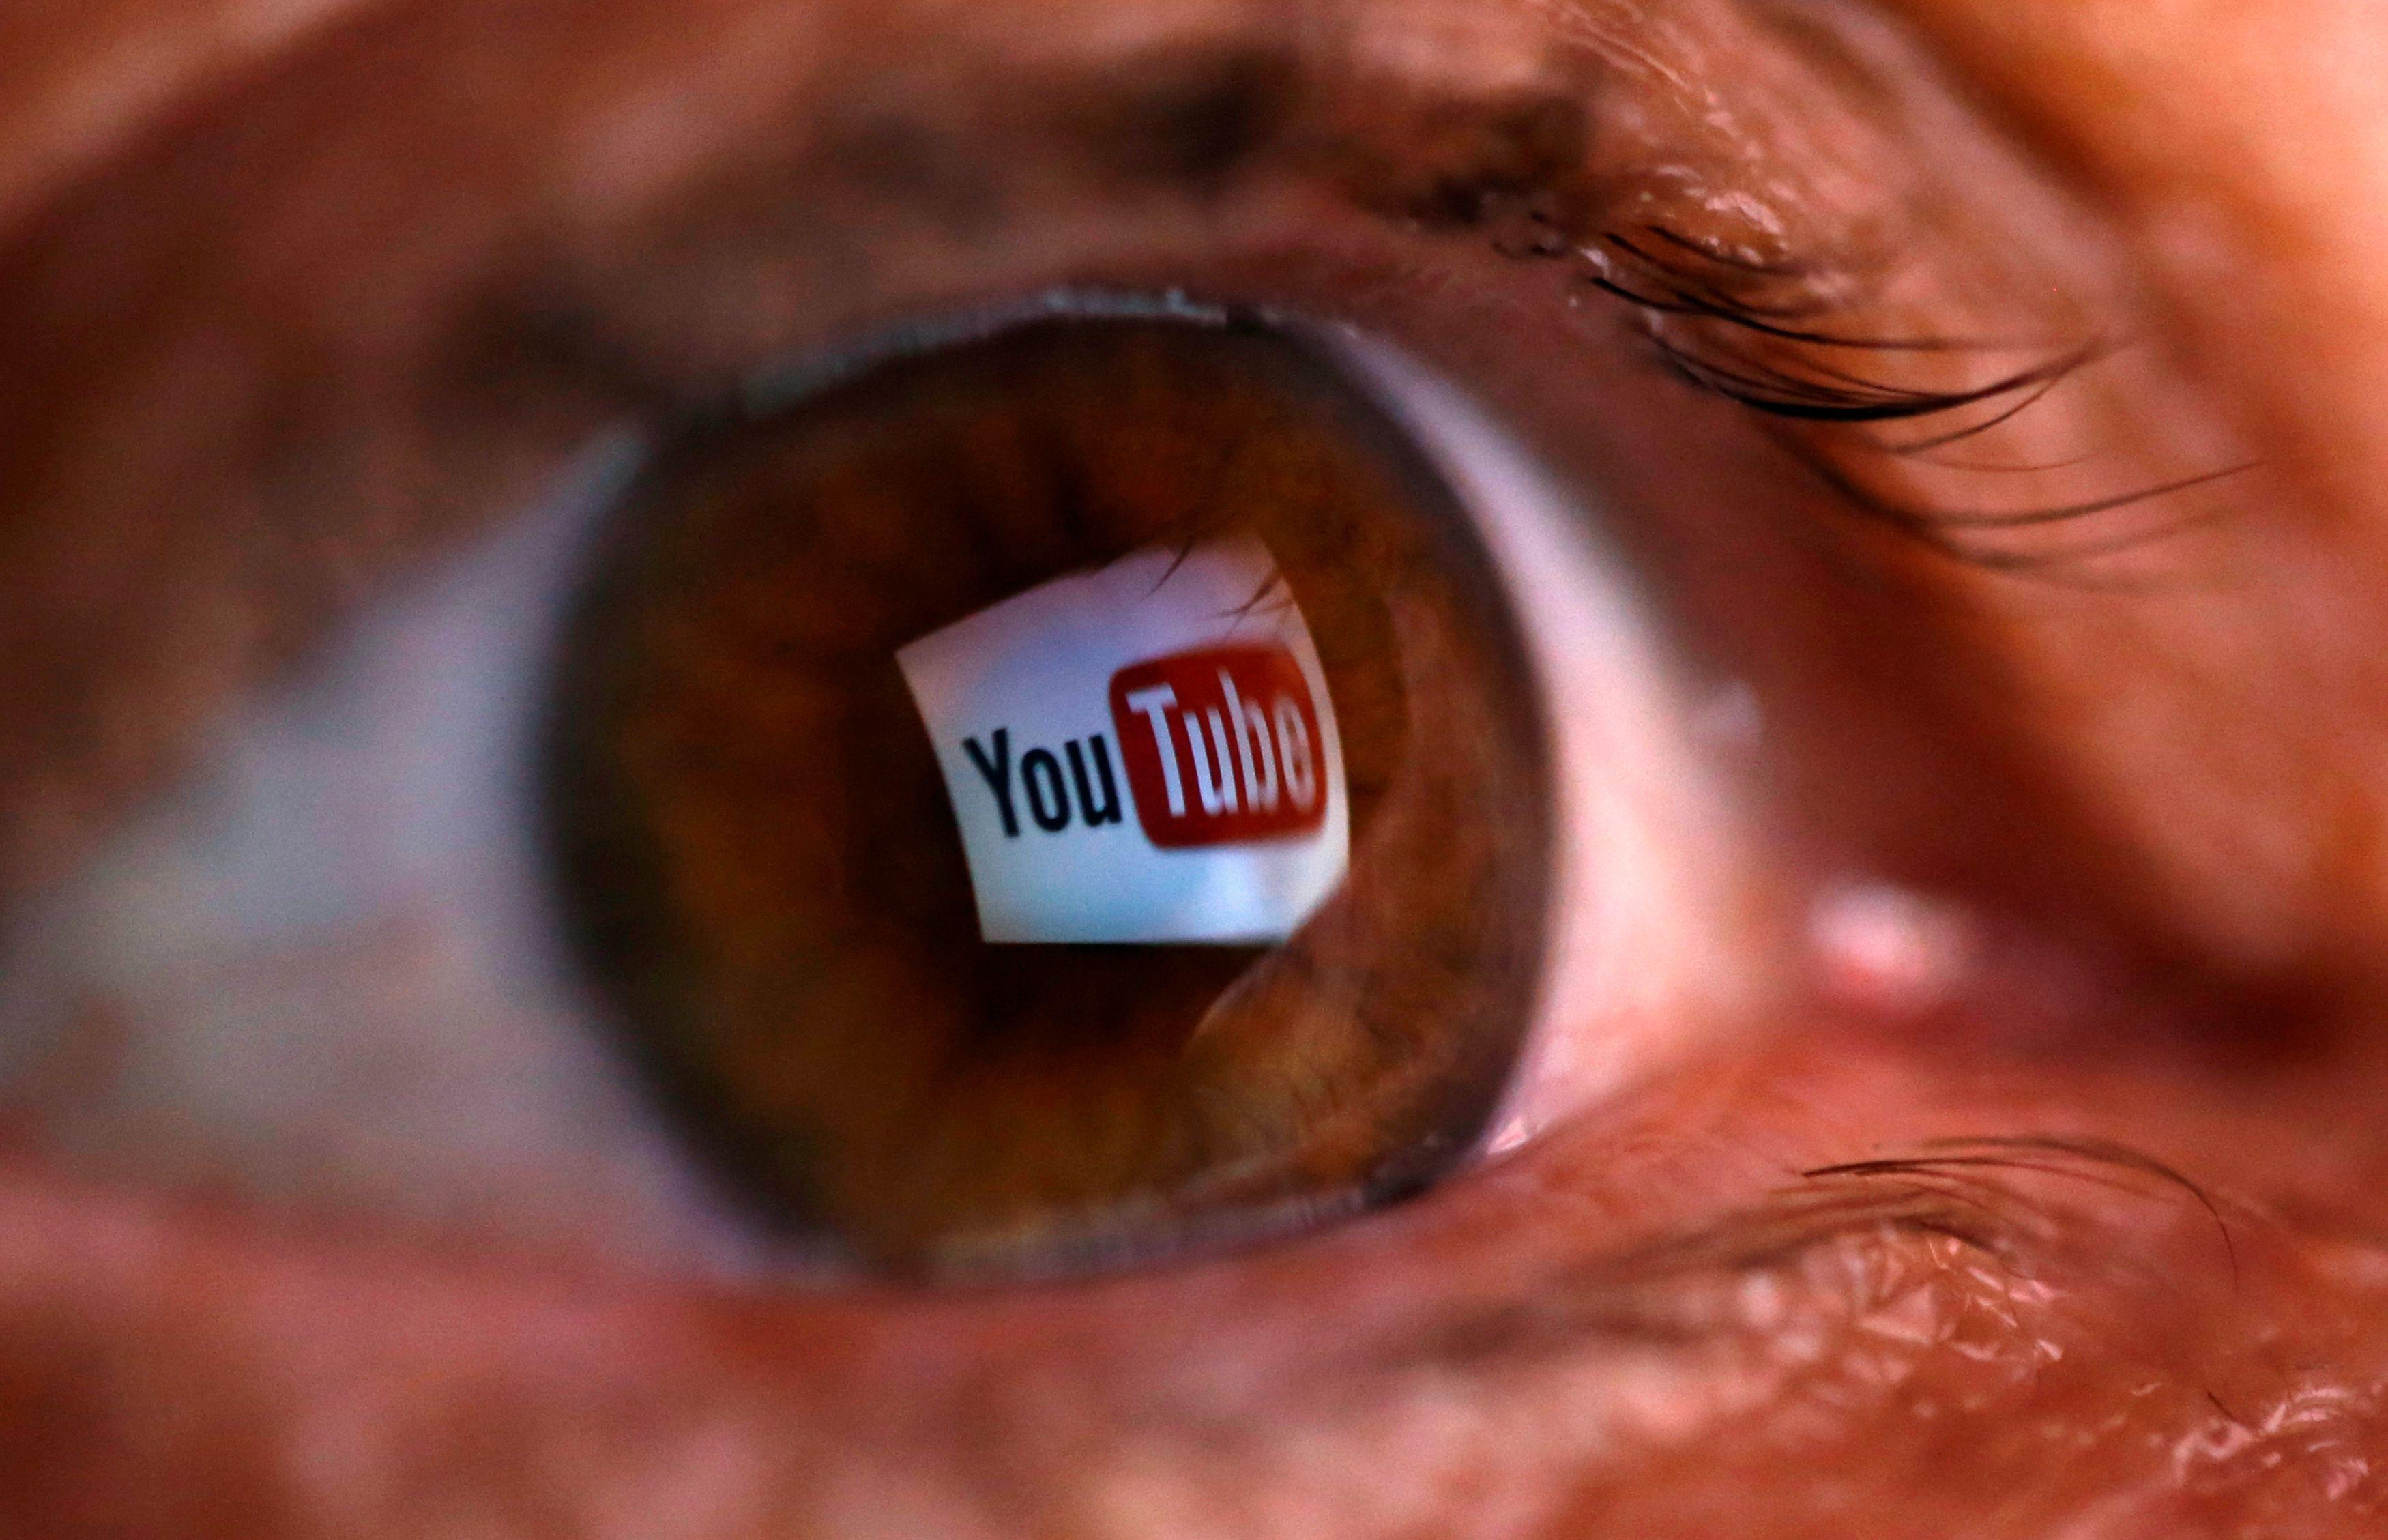 """Des millions de fans de pus sur YouTube : êtes-vous accro aux vidéos de """"Pimple Porn"""" (éclatage de boutons en français dans le texte) ?"""